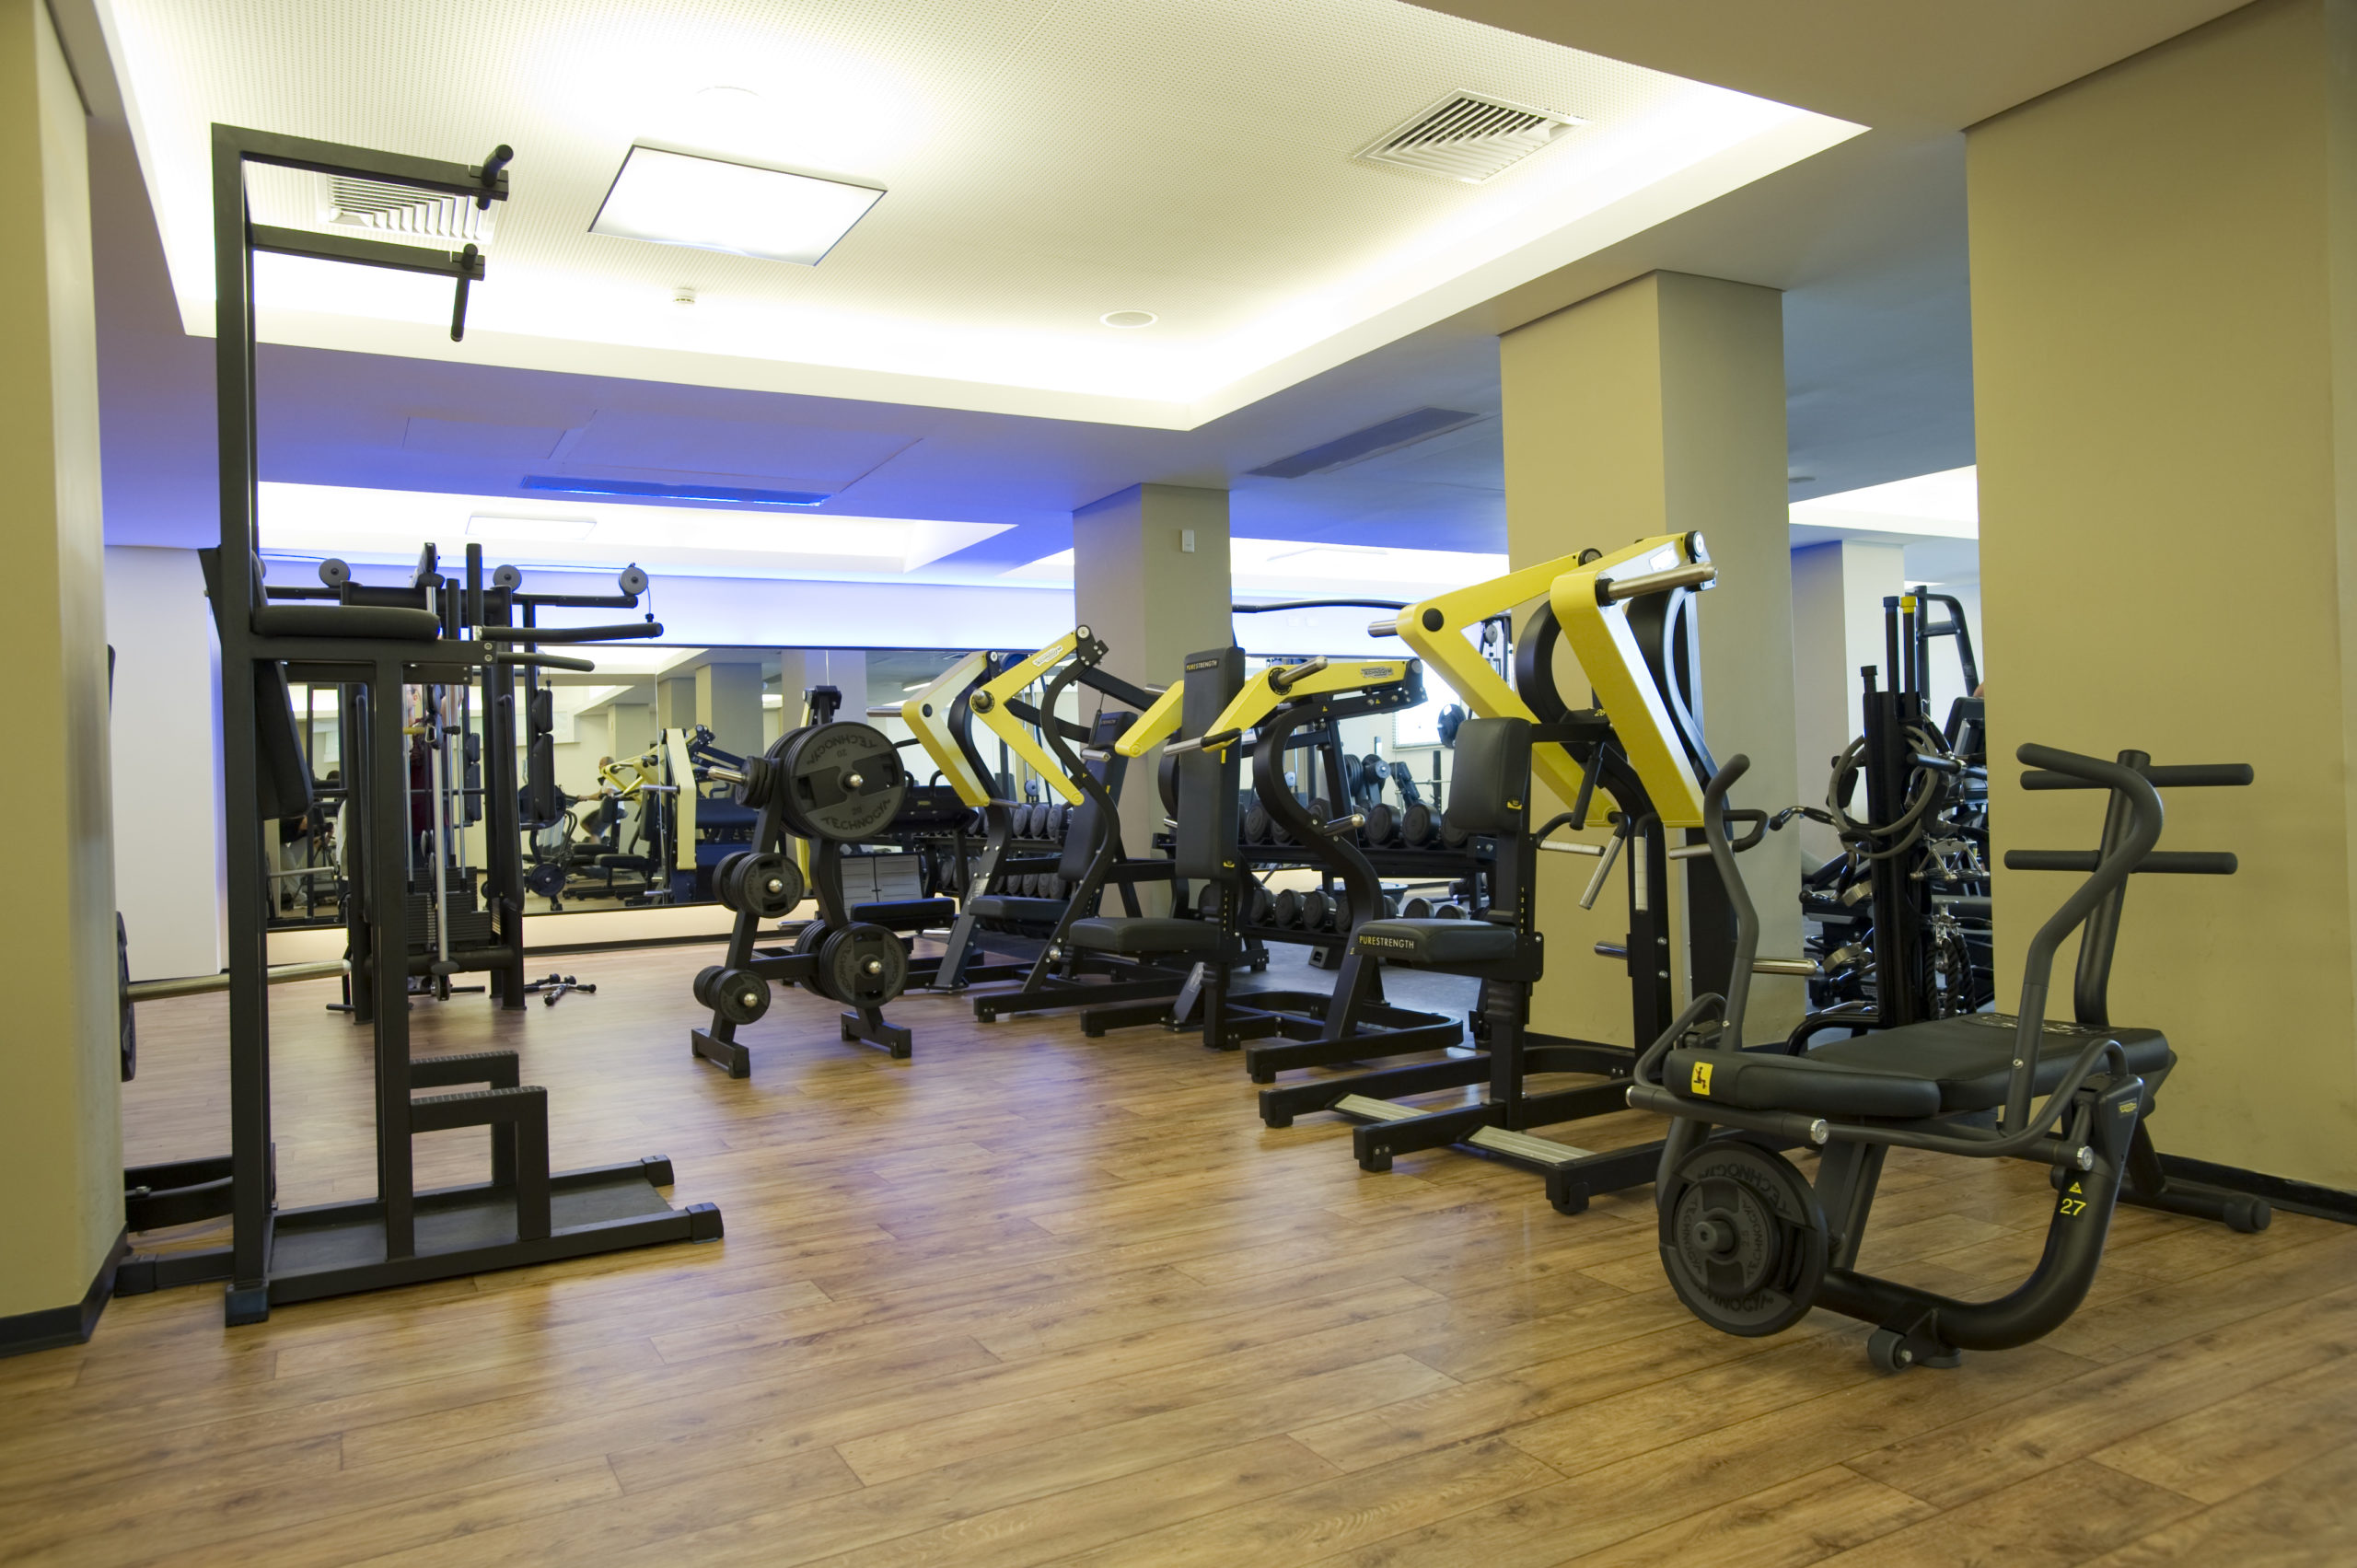 Gordon pool health club Tel aviv